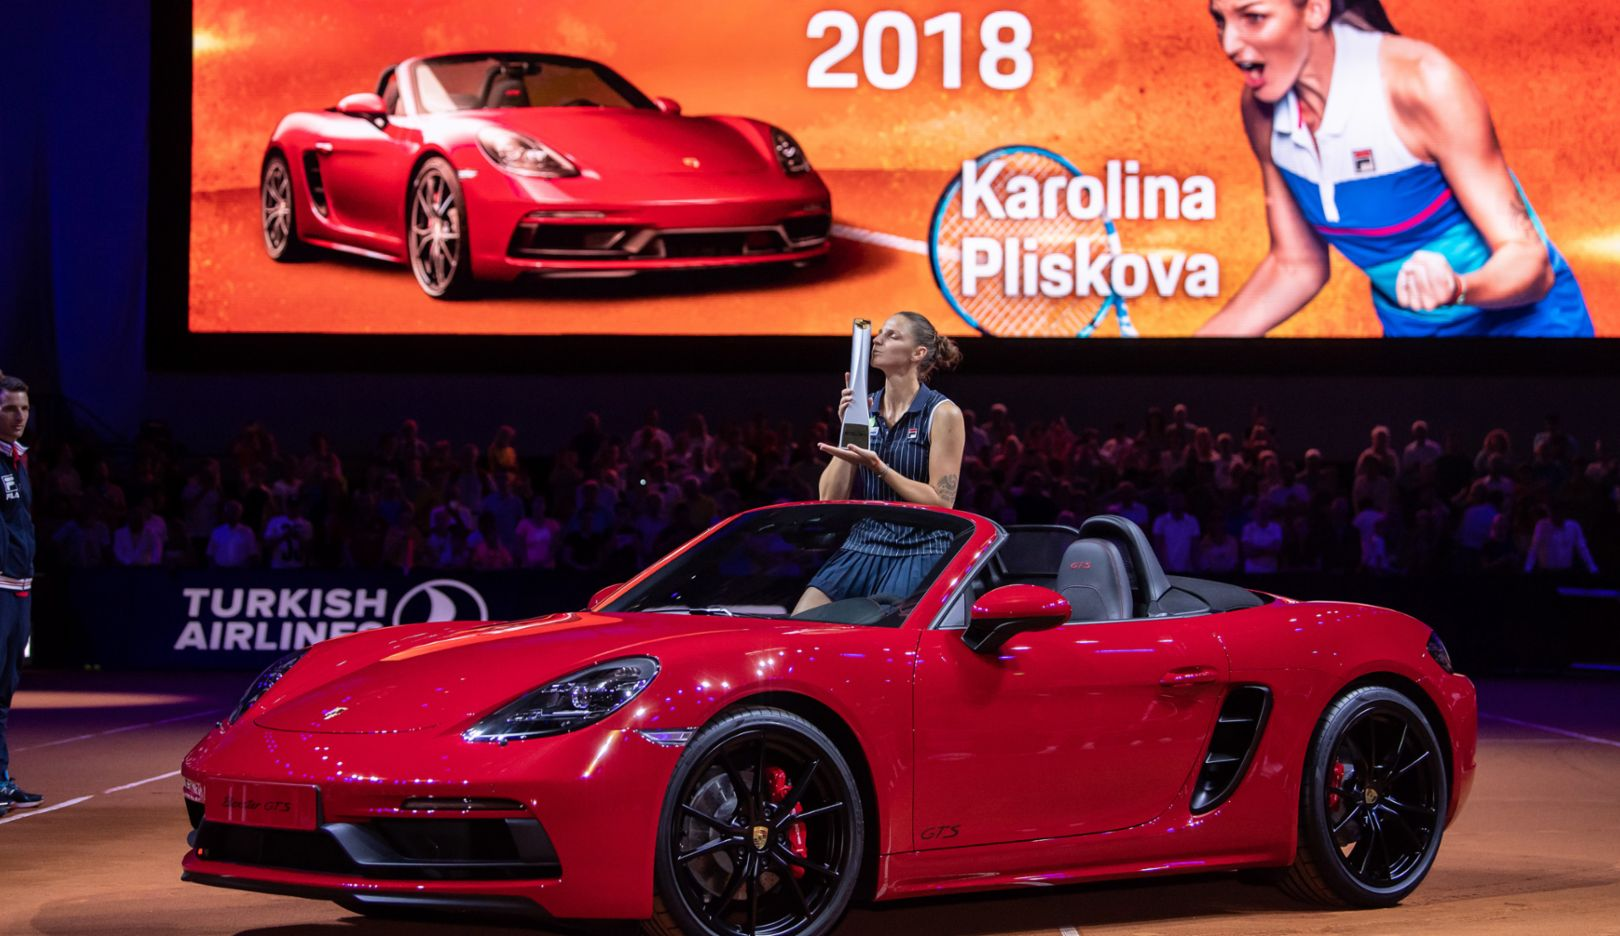 Karolina Pliskova, Porsche Tennis Grand Prix 2018, Finale, Stuttgart, 2018, Porsche AG